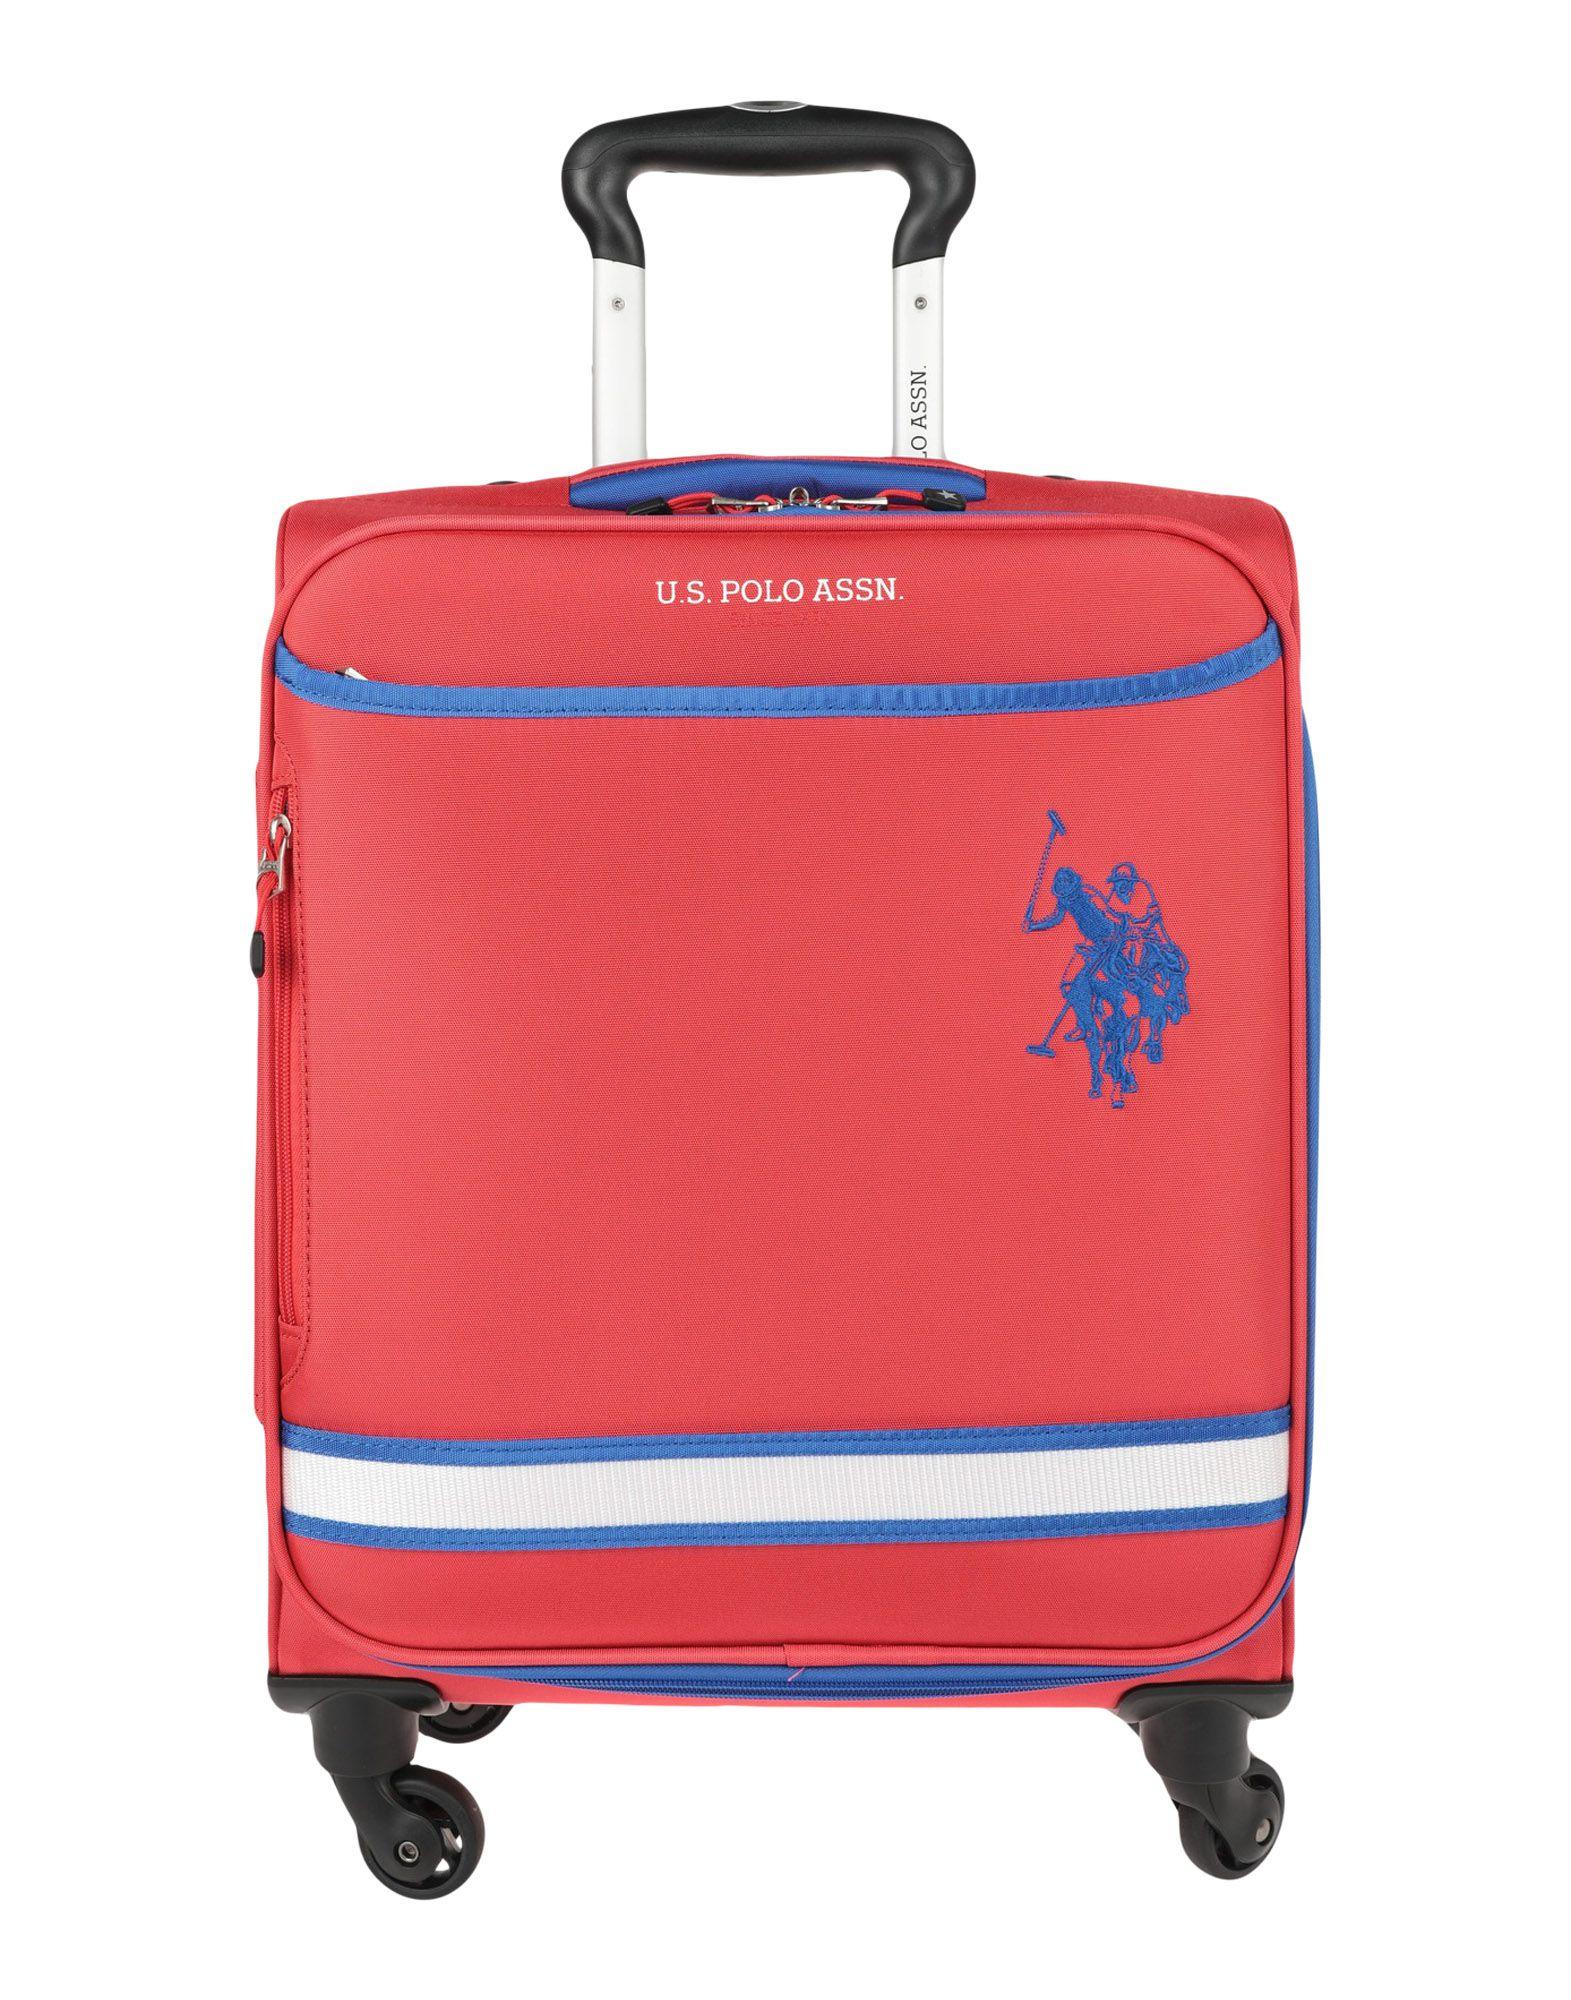 U.S.POLO ASSN. Чемодан/сумка на колесиках чемодан на колесиках trunki чемодан на колесиках